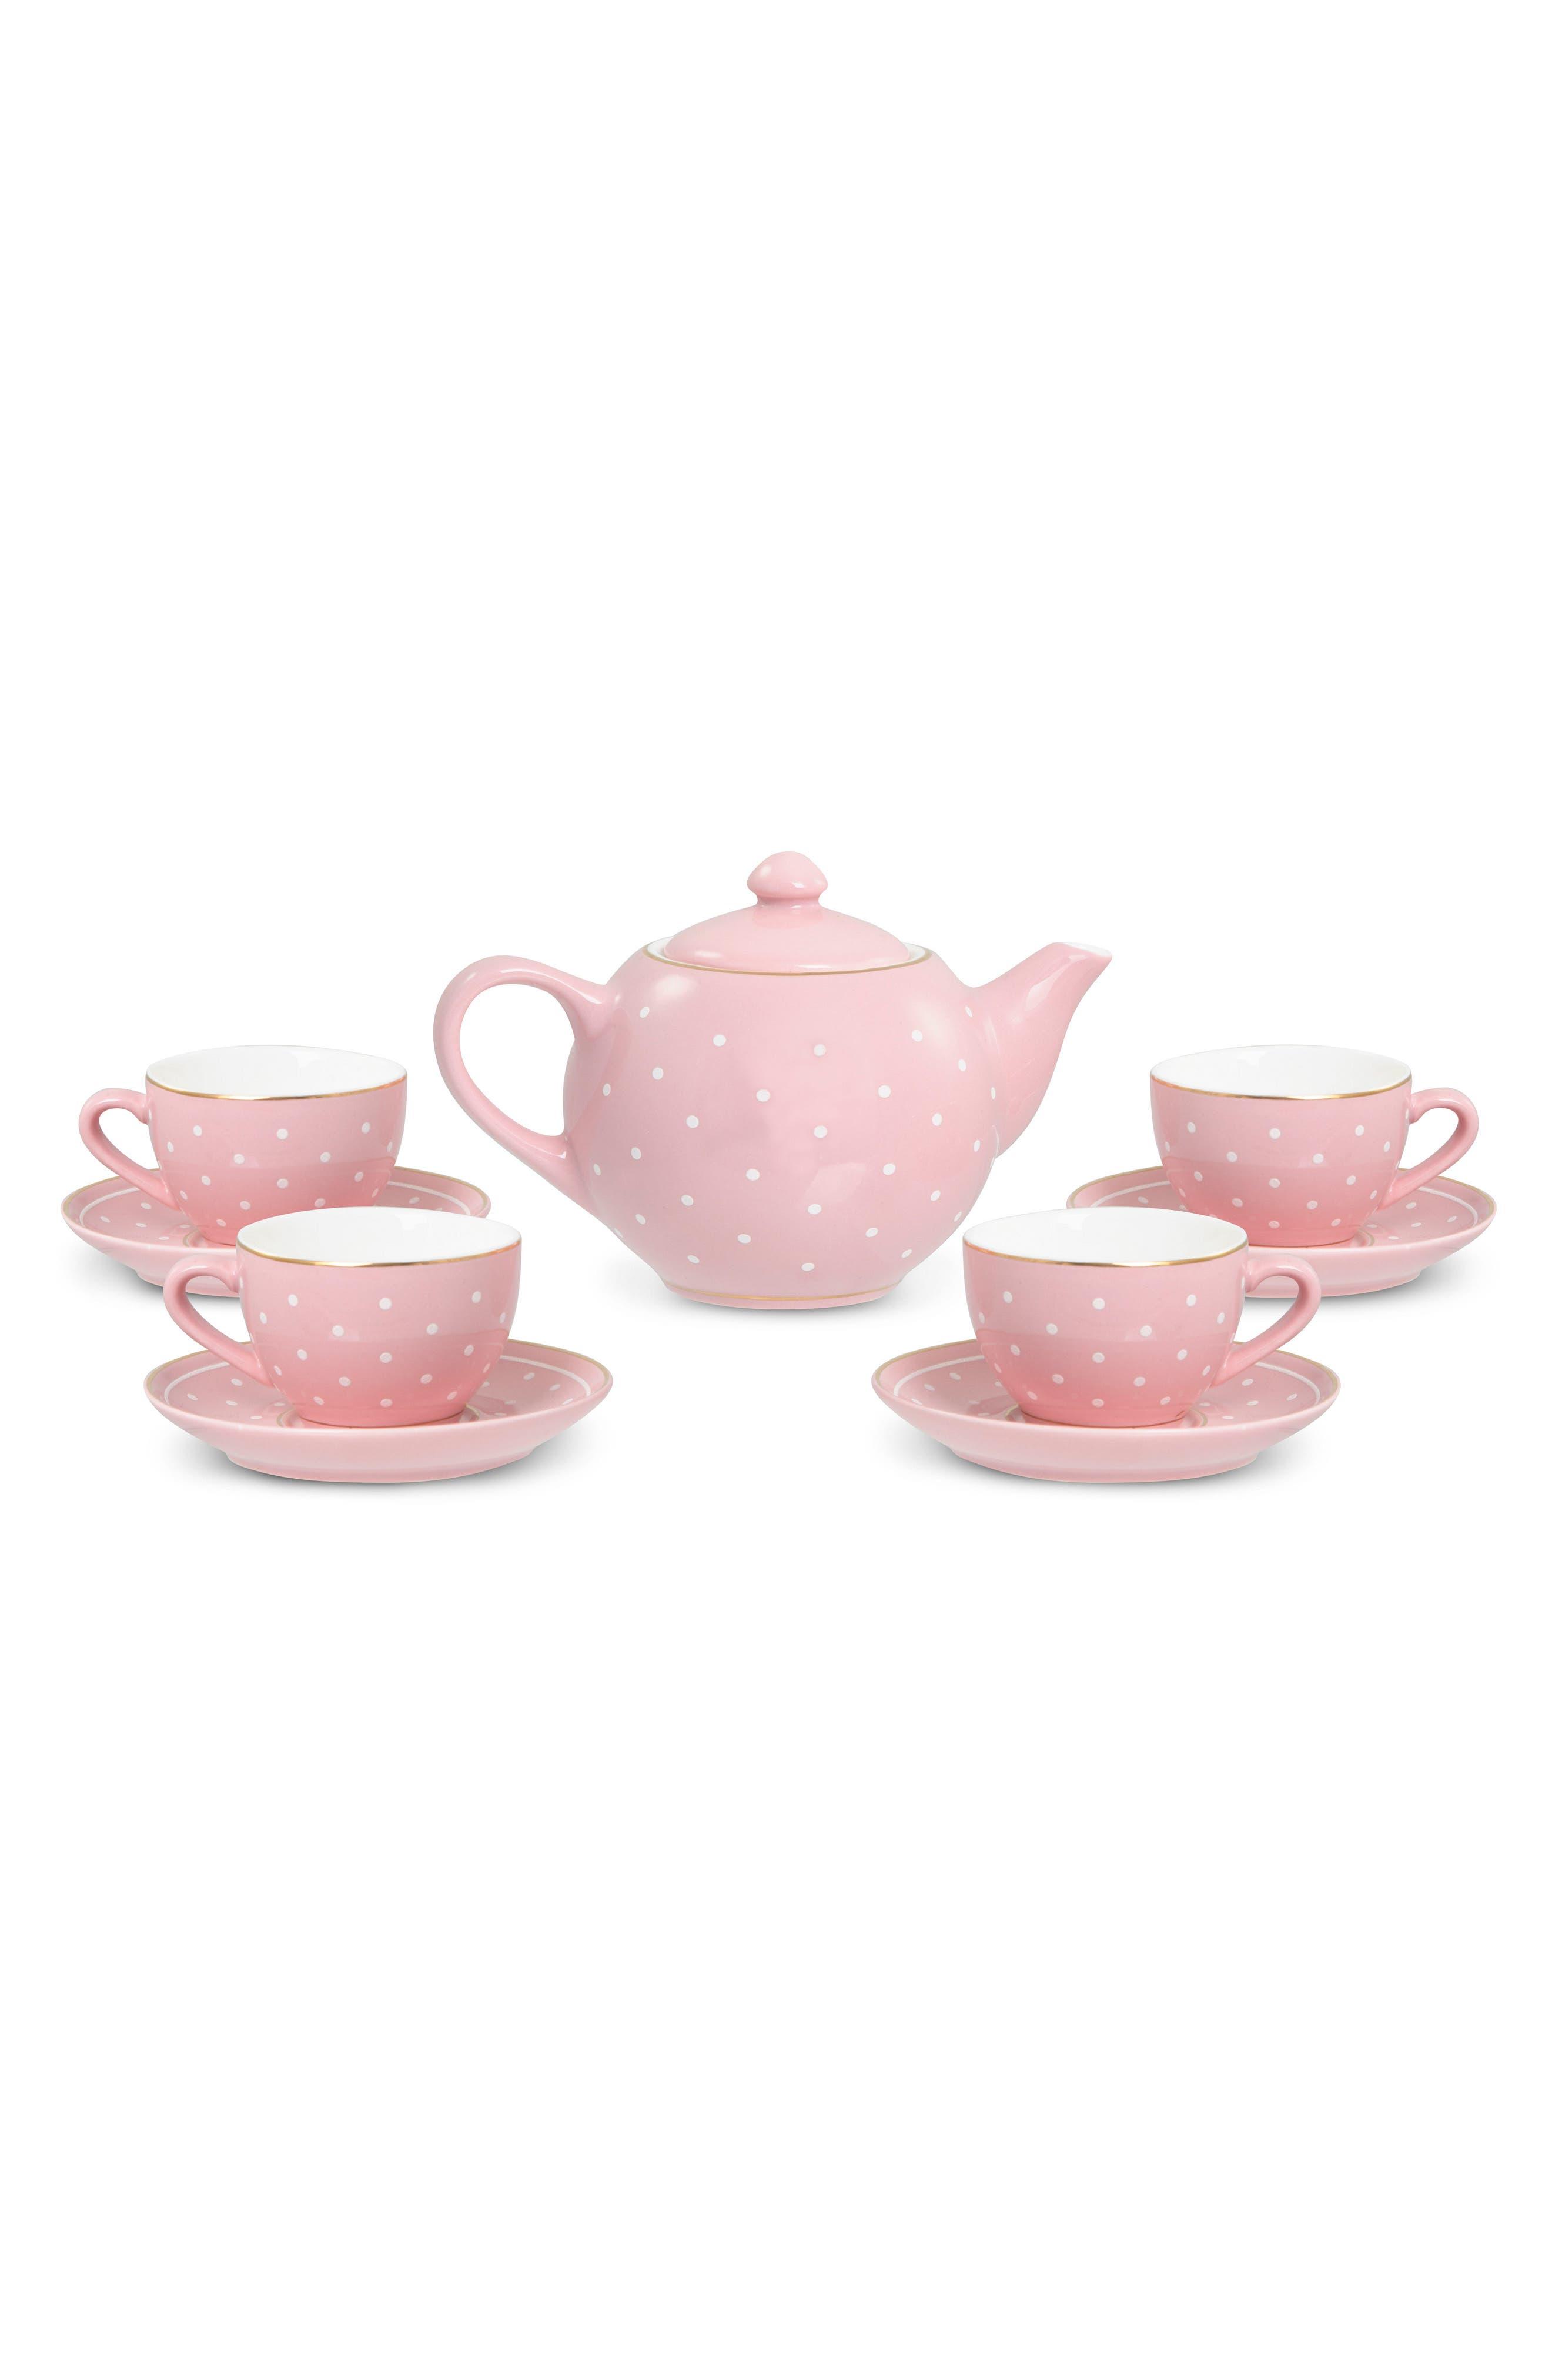 FAO Schwarz 10-Piece Glazed Ceramic Tea Set